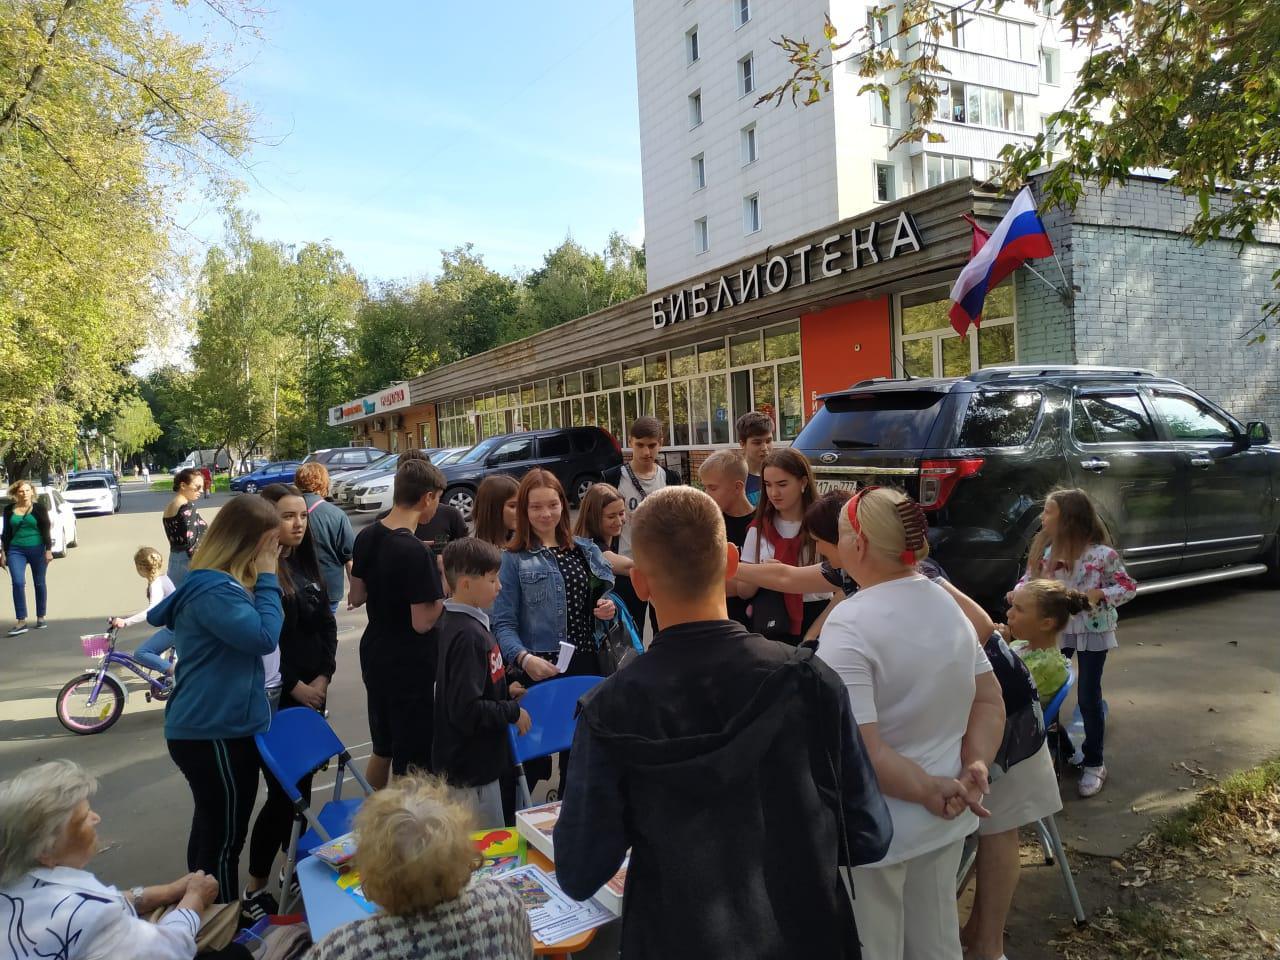 Спортивно-интеллектуальный марафон провели в библиотеке на Федора Полетаева